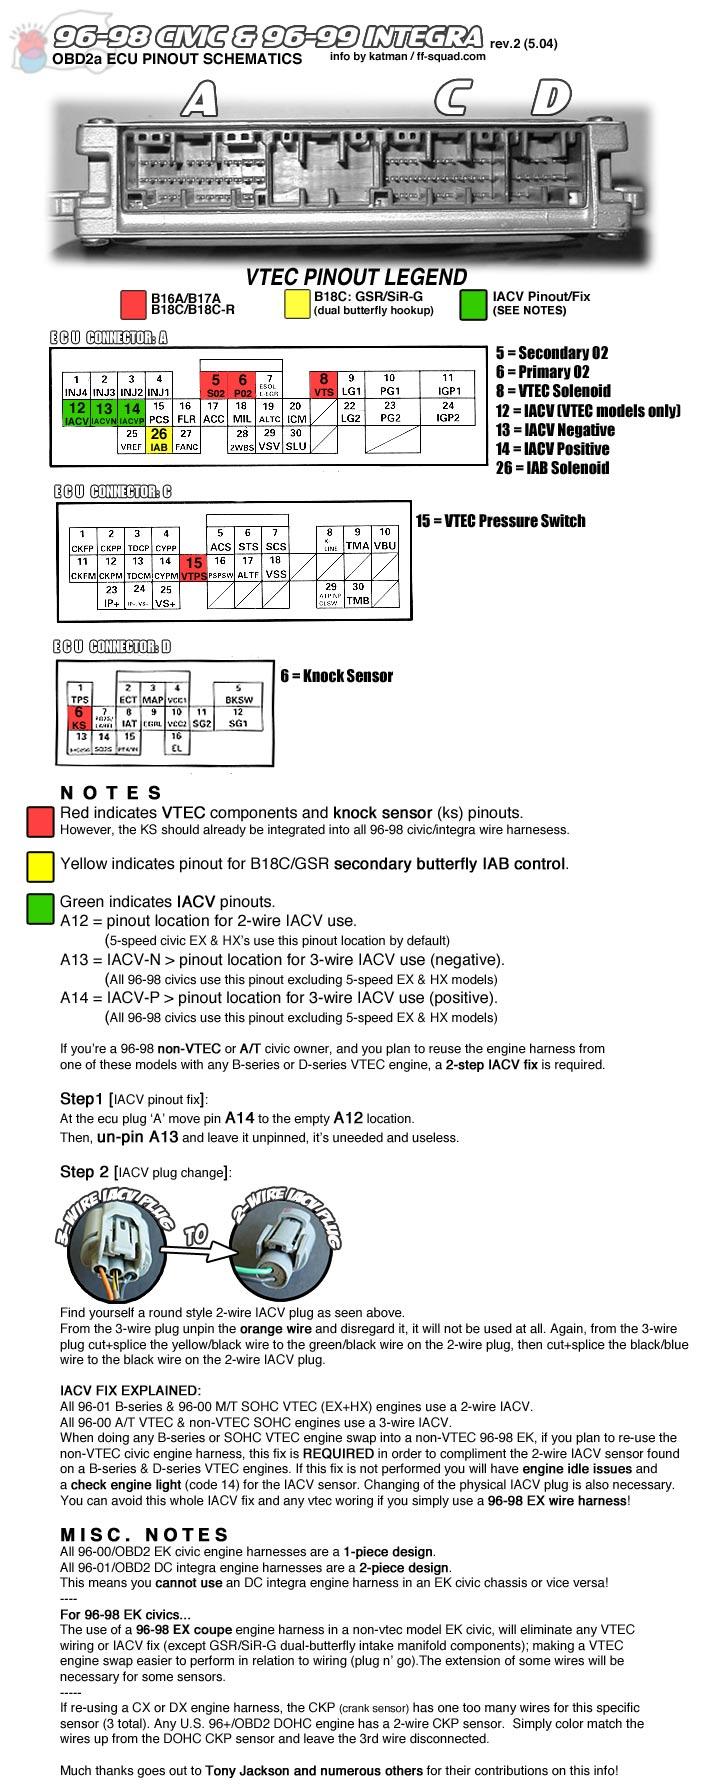 D16y8 Manifold On D16z6 Head - Converting Iacv Plug  - Honda-tech